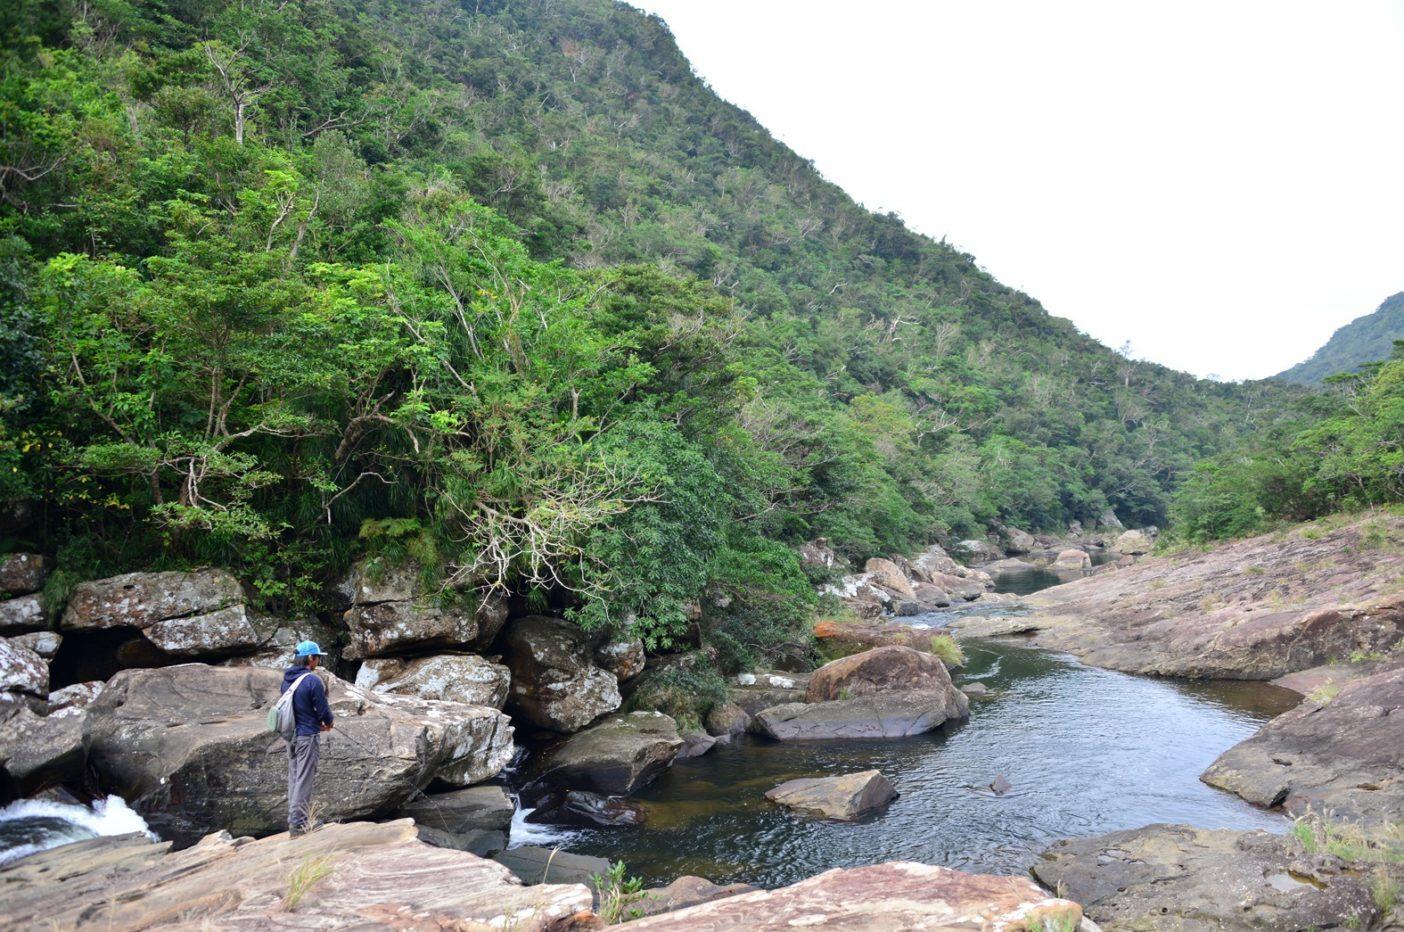 原始の森を縫うように流れる浦内川は、巨人が運んだような大きな岩がゴロゴロと転がっている。写真:中根 淳一